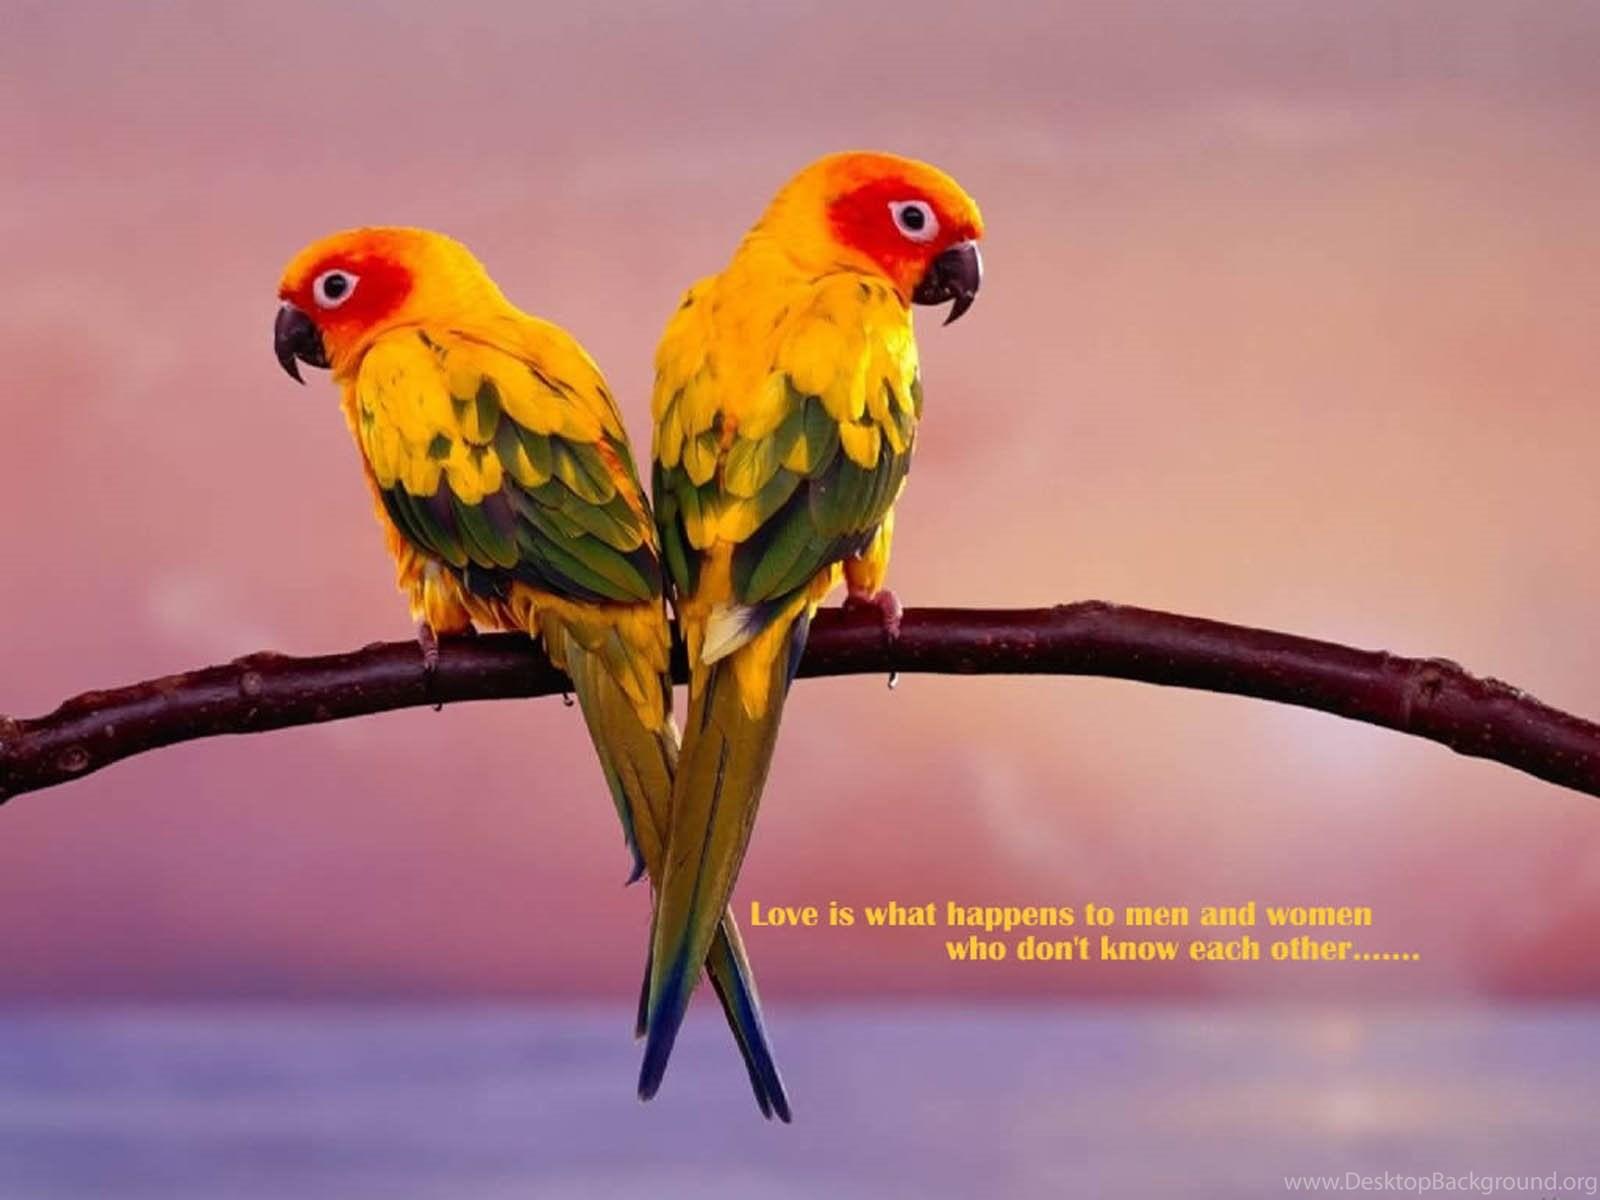 Wallpapers Love Birds Desktop Wallpapers: Hd Love Birds Images Wallpapers Desktop Background